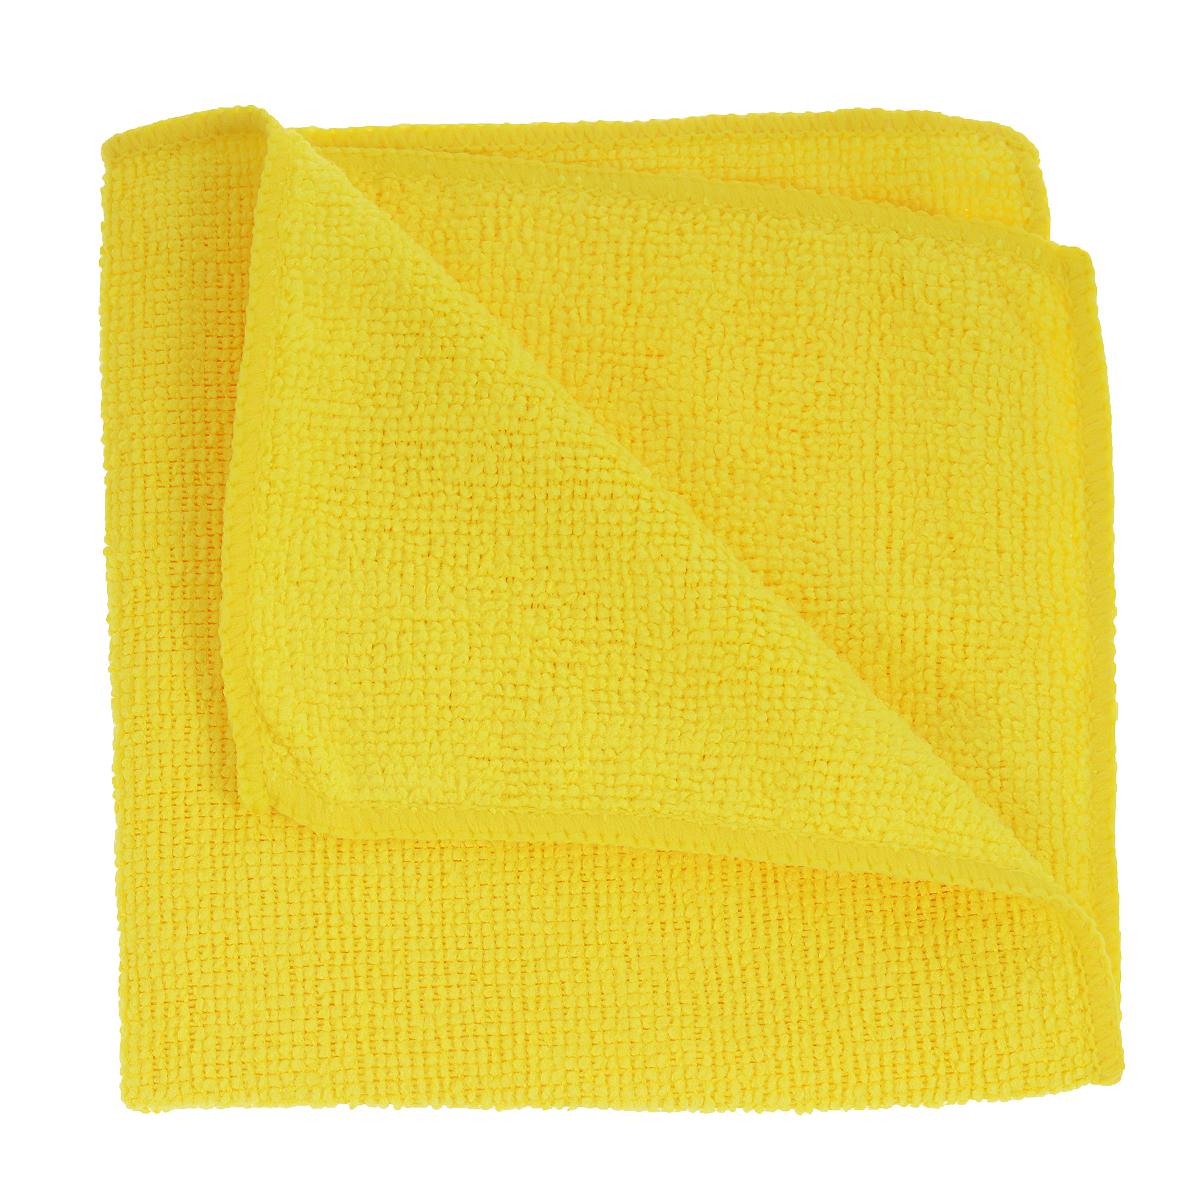 Салфетка универсальная Celesta, из микрофибры, цвет: желтый, 30 см х 30 см4660 желтыйСалфетка Celesta, изготовленная из микрофибры (80% полиэстера и 20% полиамида), предназначена для сухой и влажной уборки. Подходит для ухода за любыми поверхностями. Благодаря специальной структуре волокон справляется с загрязнениями без использования моющих средств. Не оставляет разводов и ворсинок. Обладает отличными впитывающими свойствами.